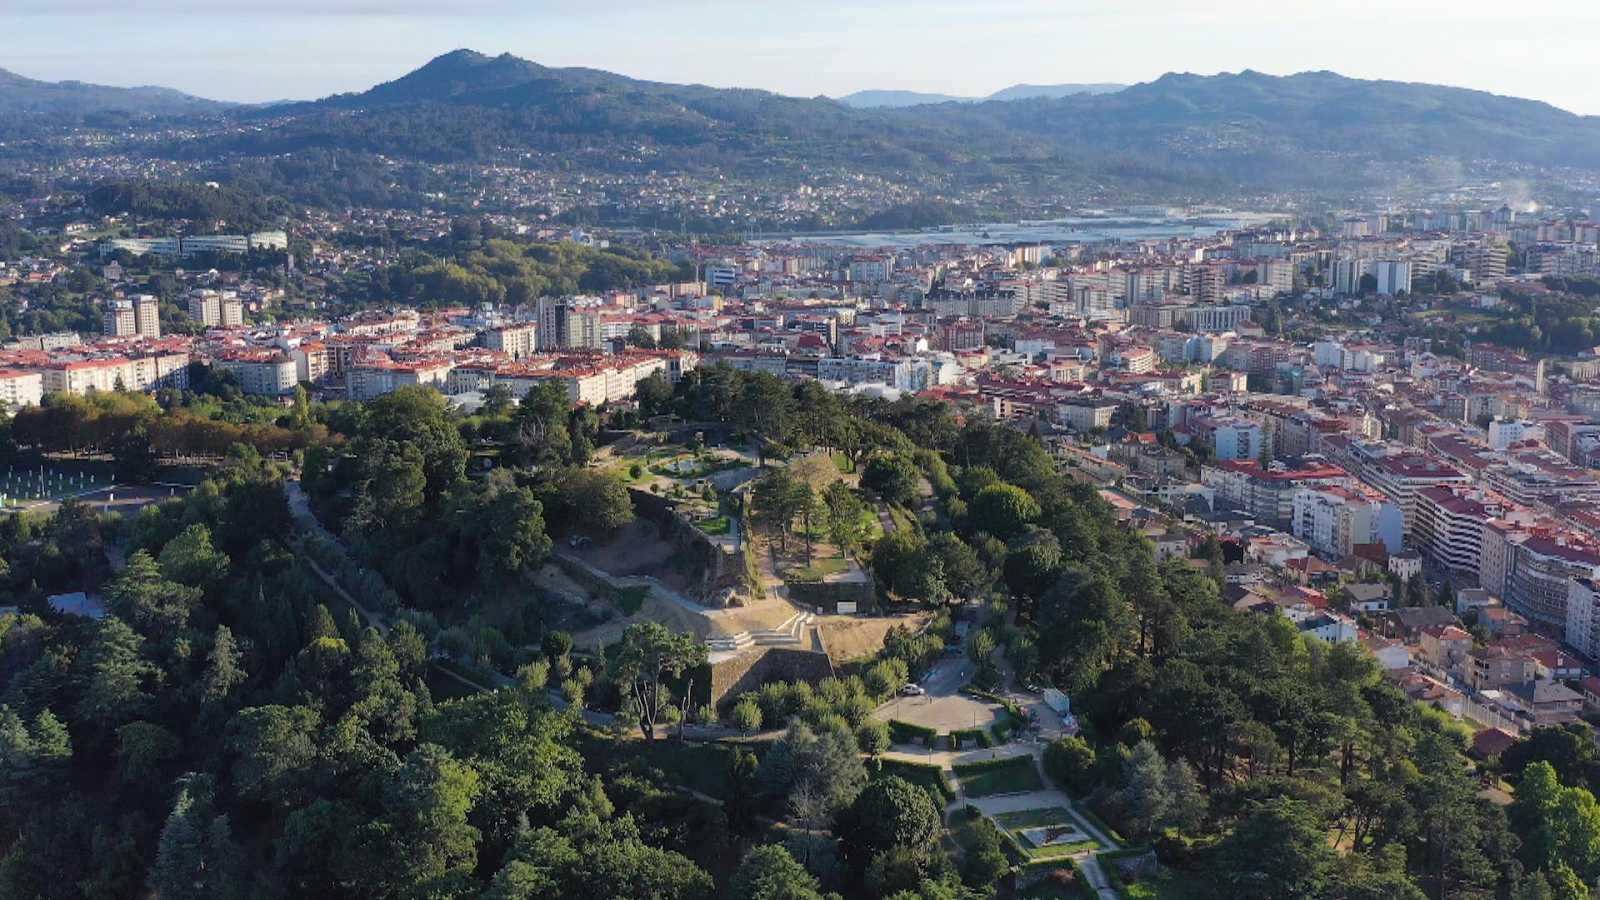 Un país mágico - Vigo - ver ahora